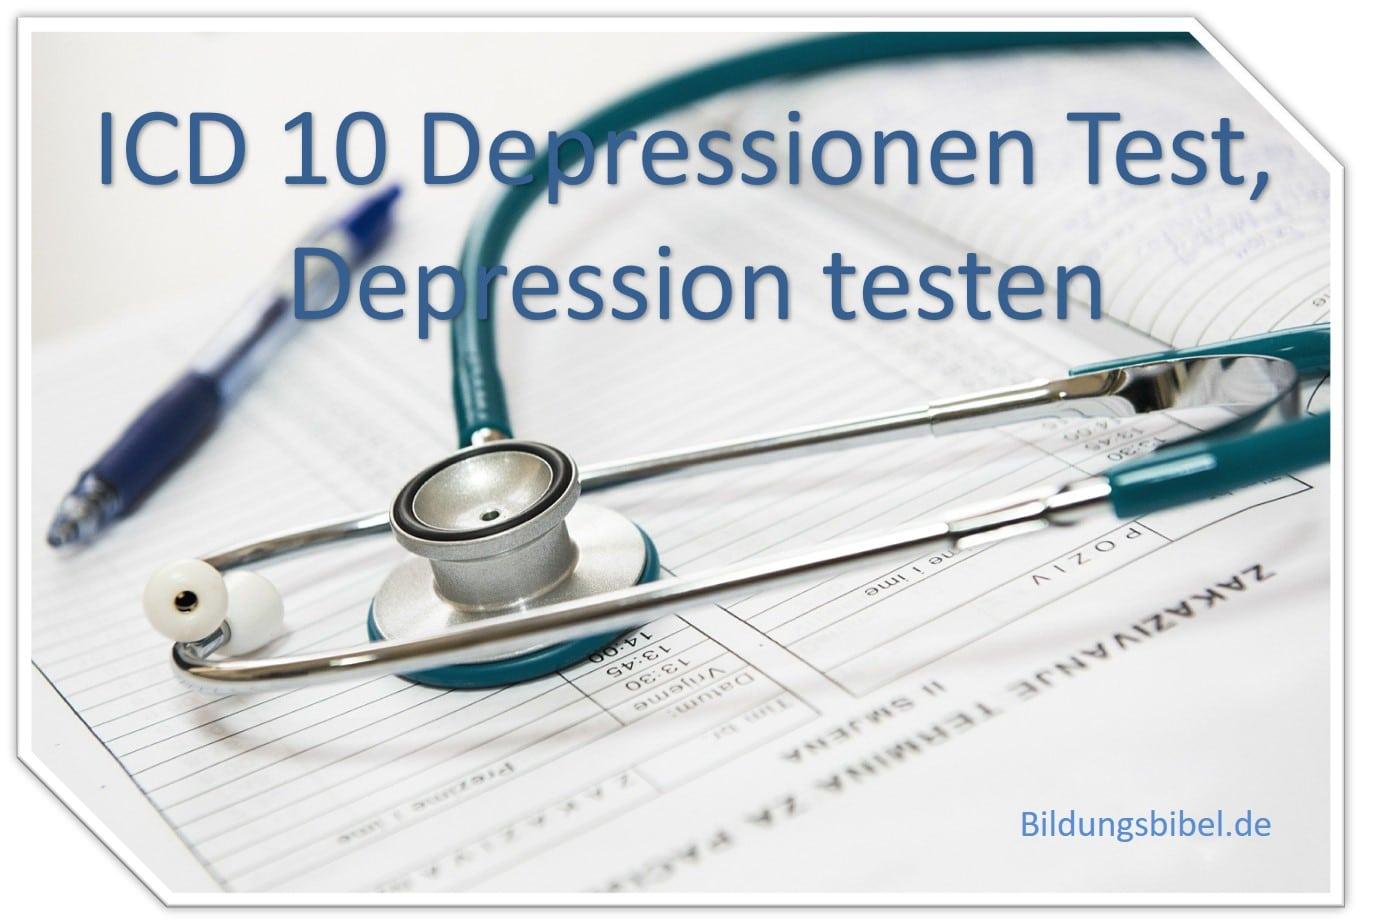 ICD 10 Depressionen Test, Depression testen und erkennen